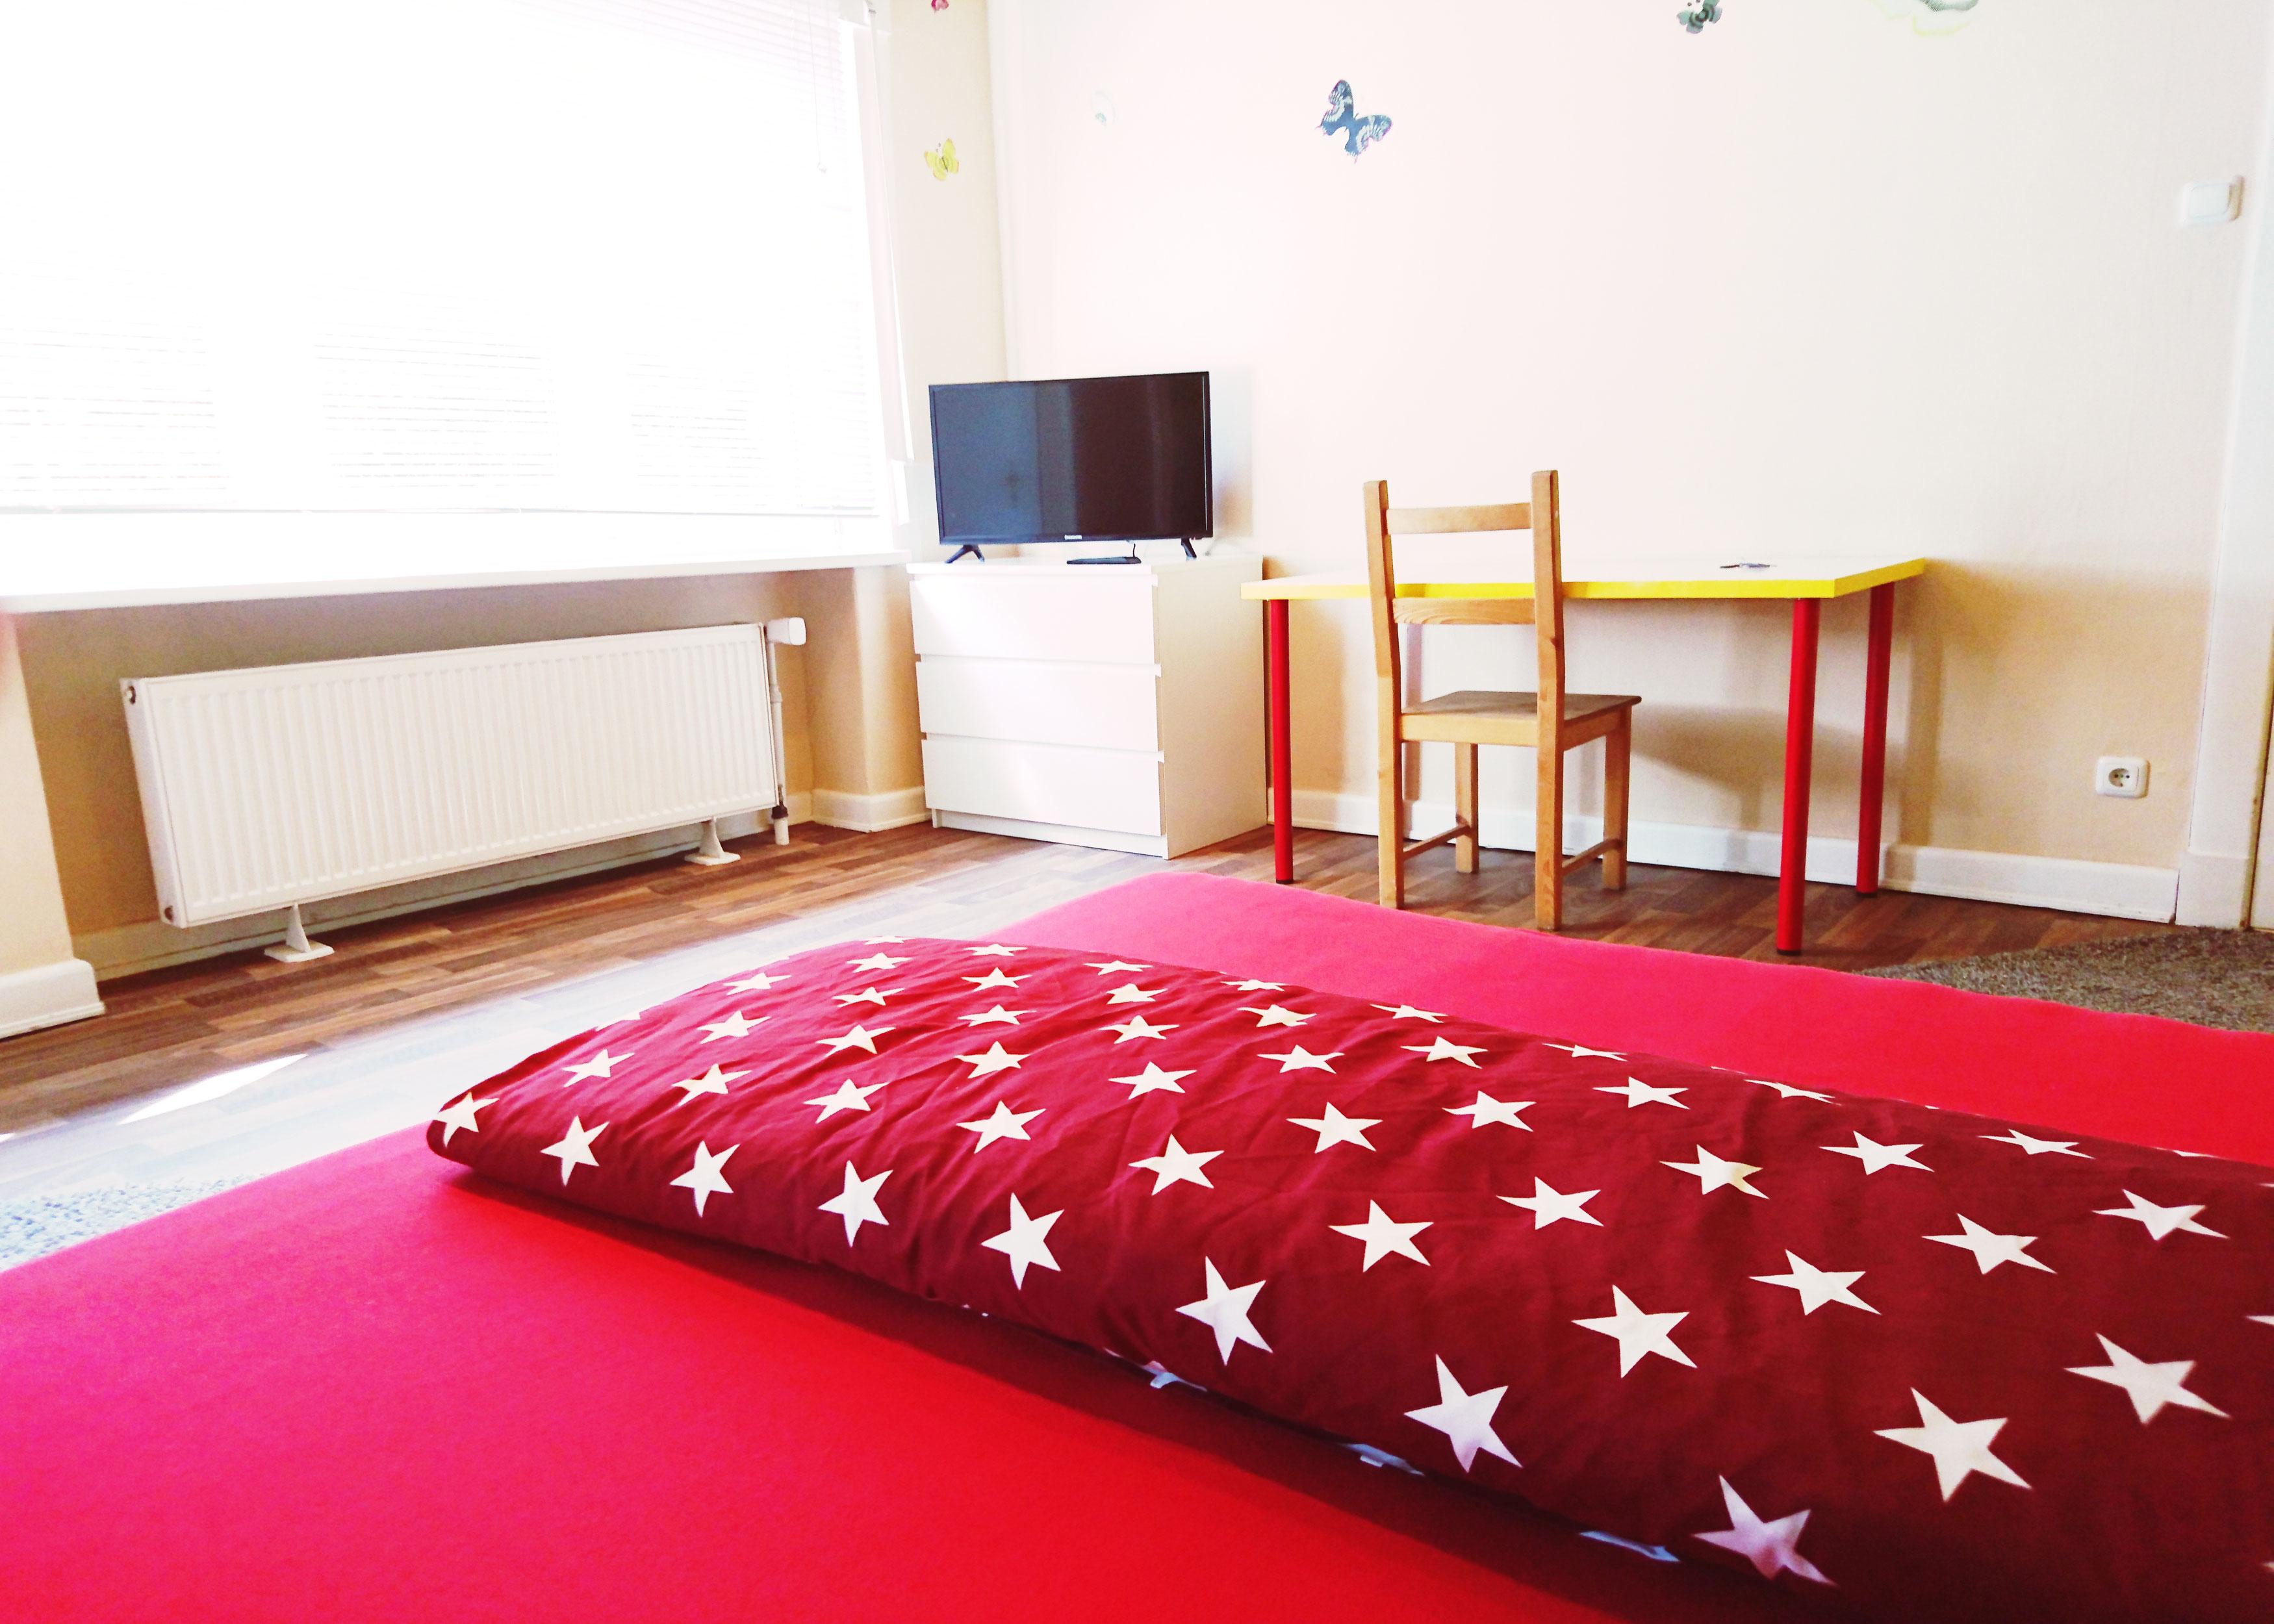 sofort buchungsbest tigung pension monteurzimmer preiswert bernachten in hamburg. Black Bedroom Furniture Sets. Home Design Ideas